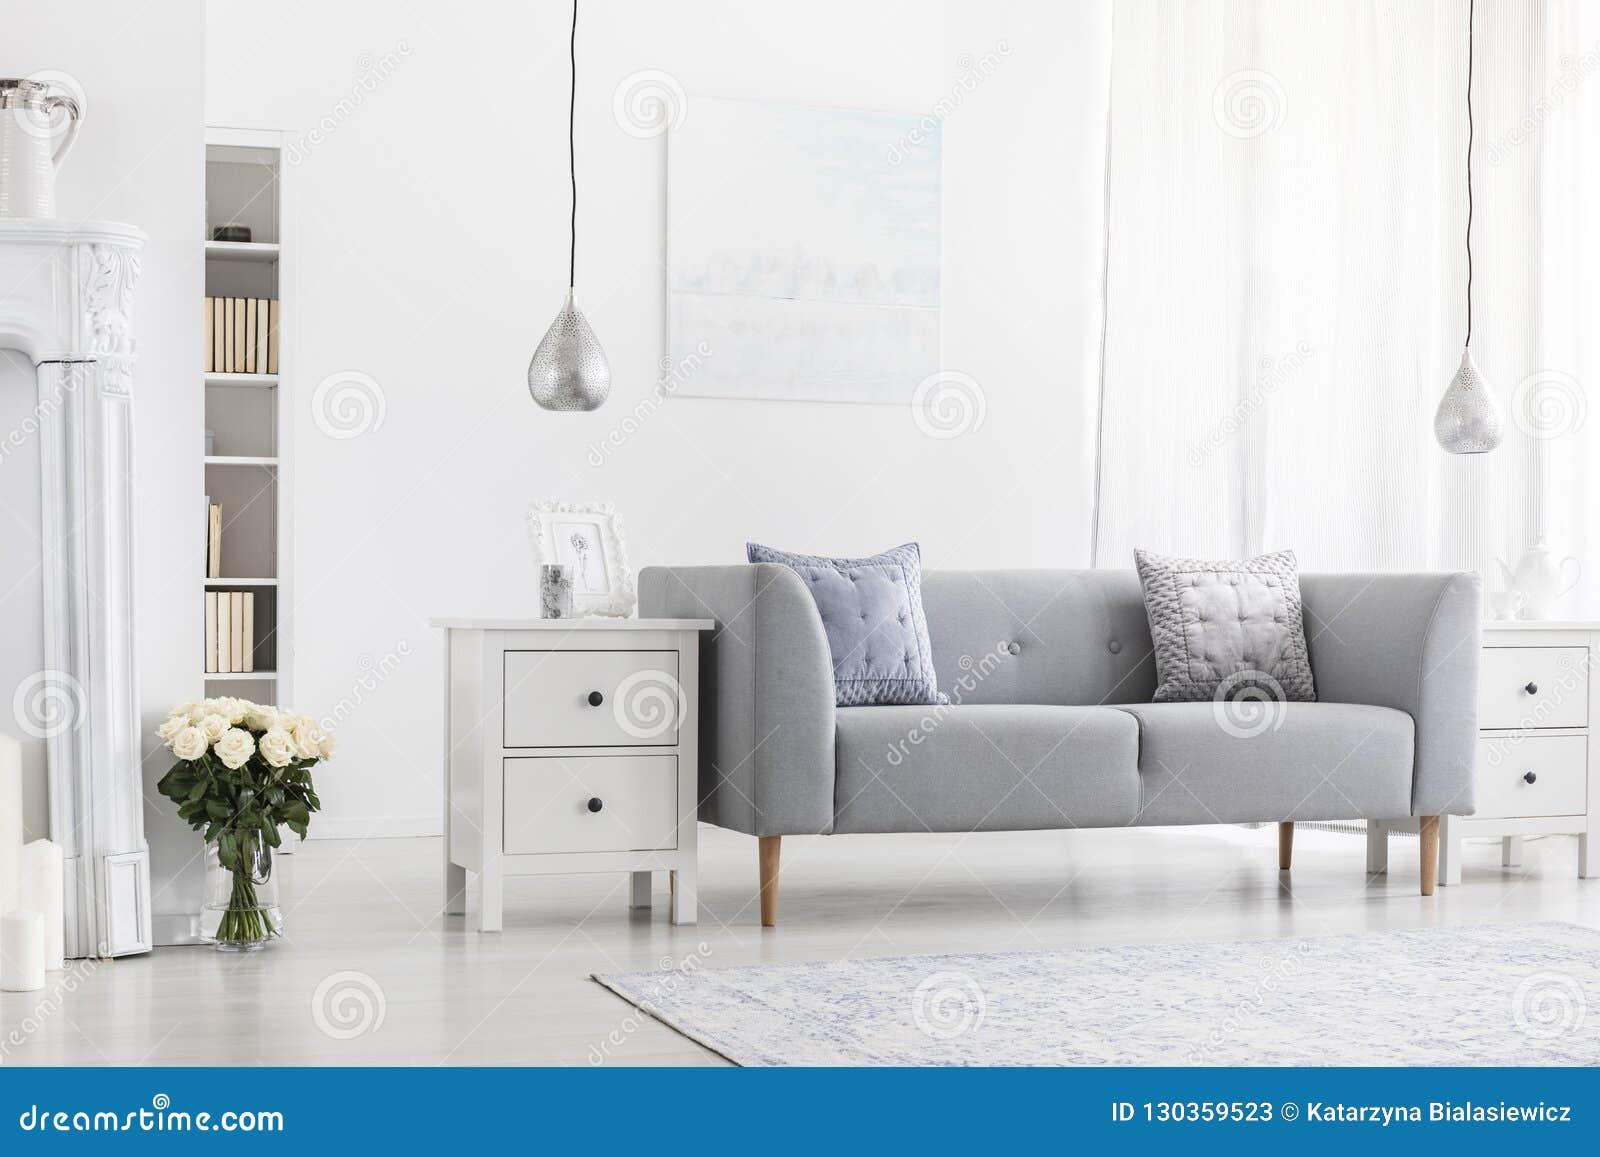 Försilvra lampor ovanför vita kabinetter i lägenhetinre med blommor och den gråa soffan Verkligt foto